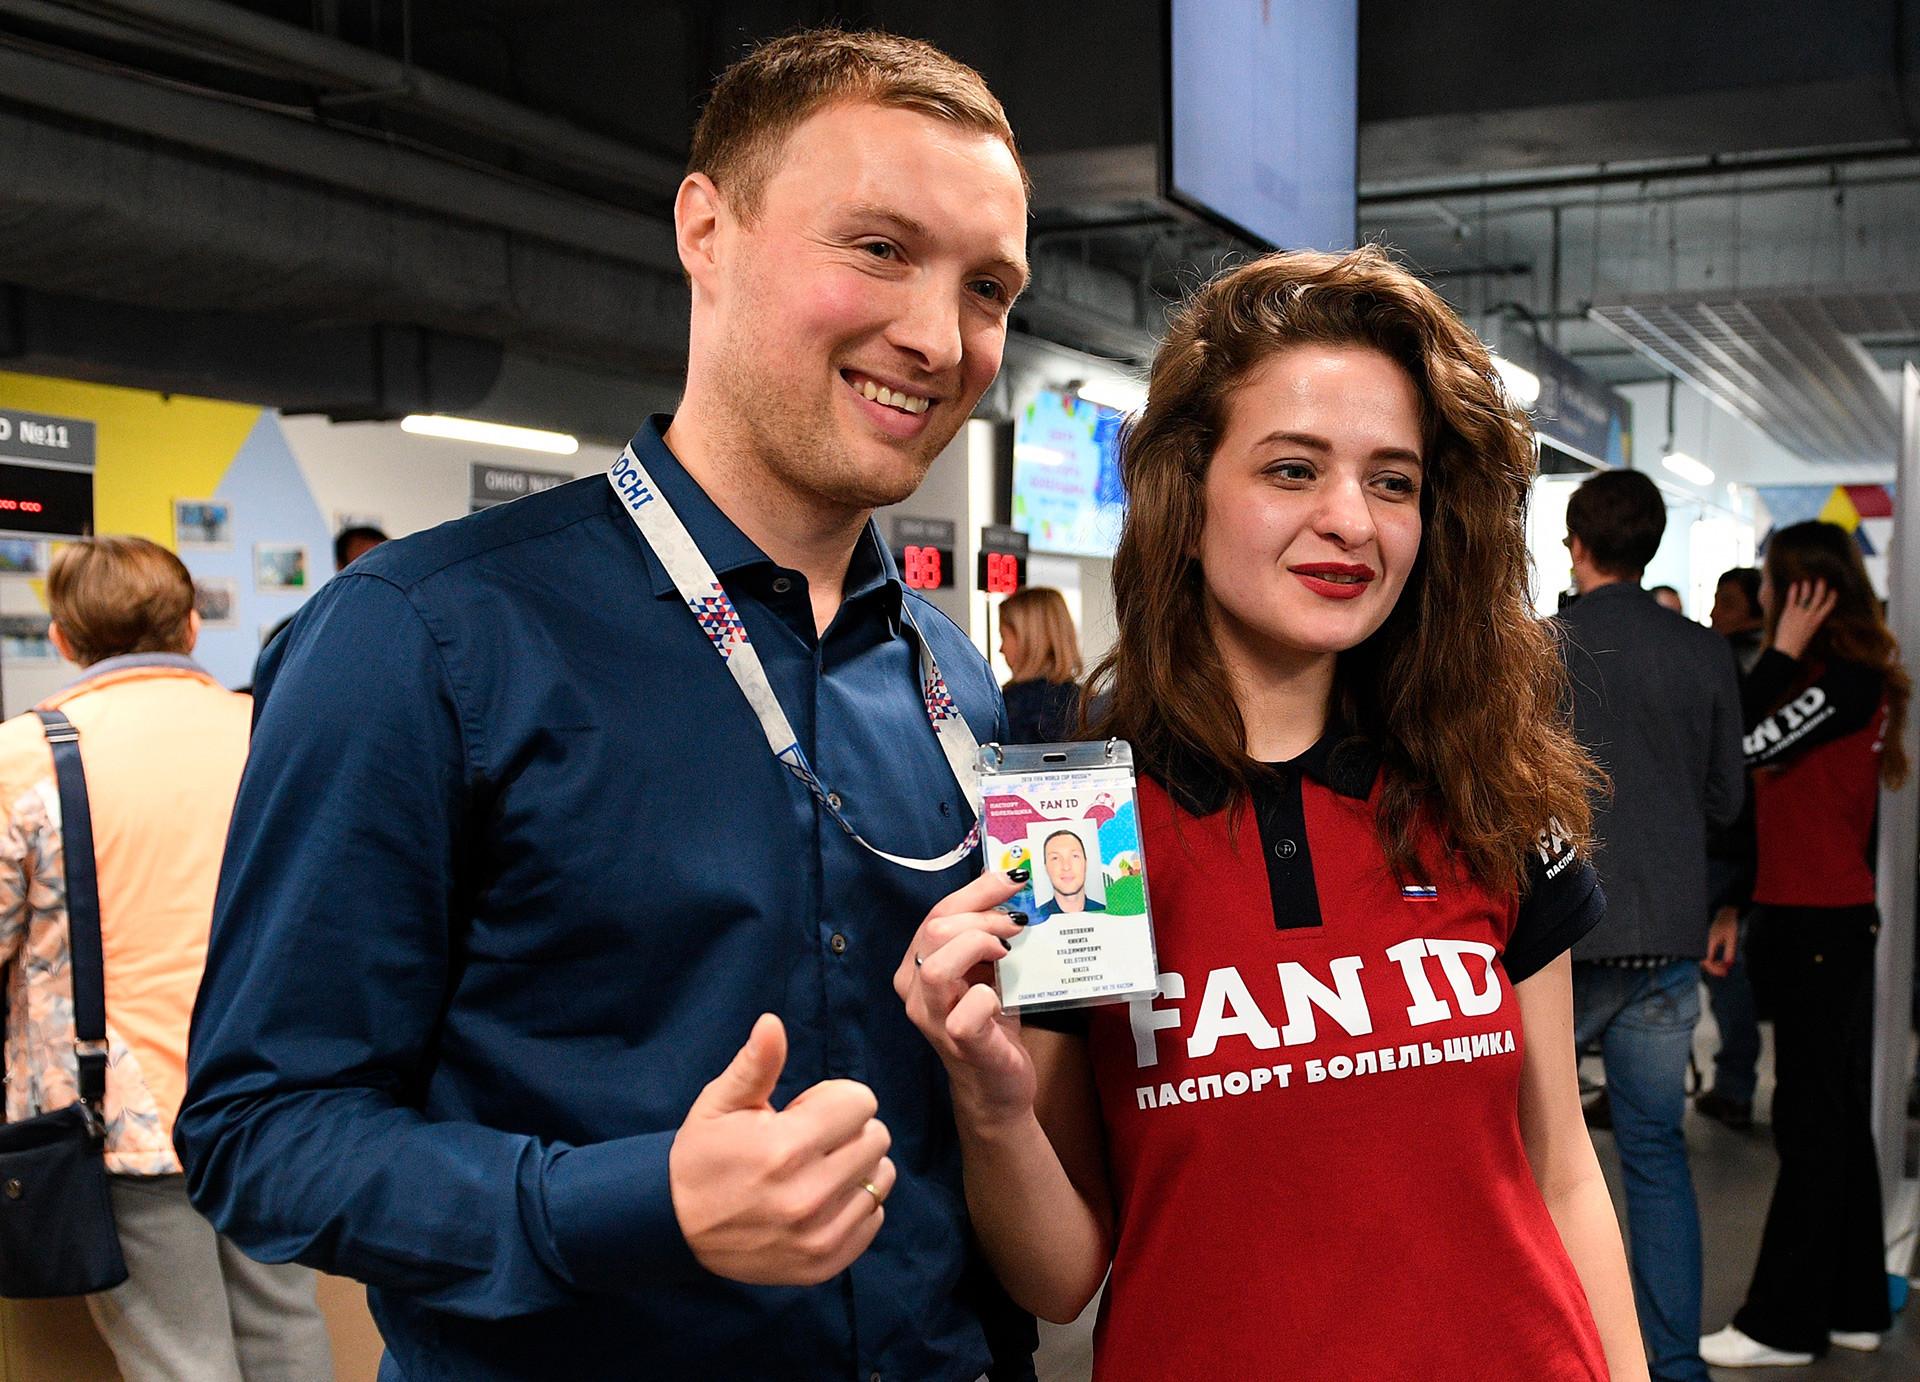 Seorang pria berpose di pusat distribusi ID Penggemar Piala Dunia FIFA 2018™ di Sochi.